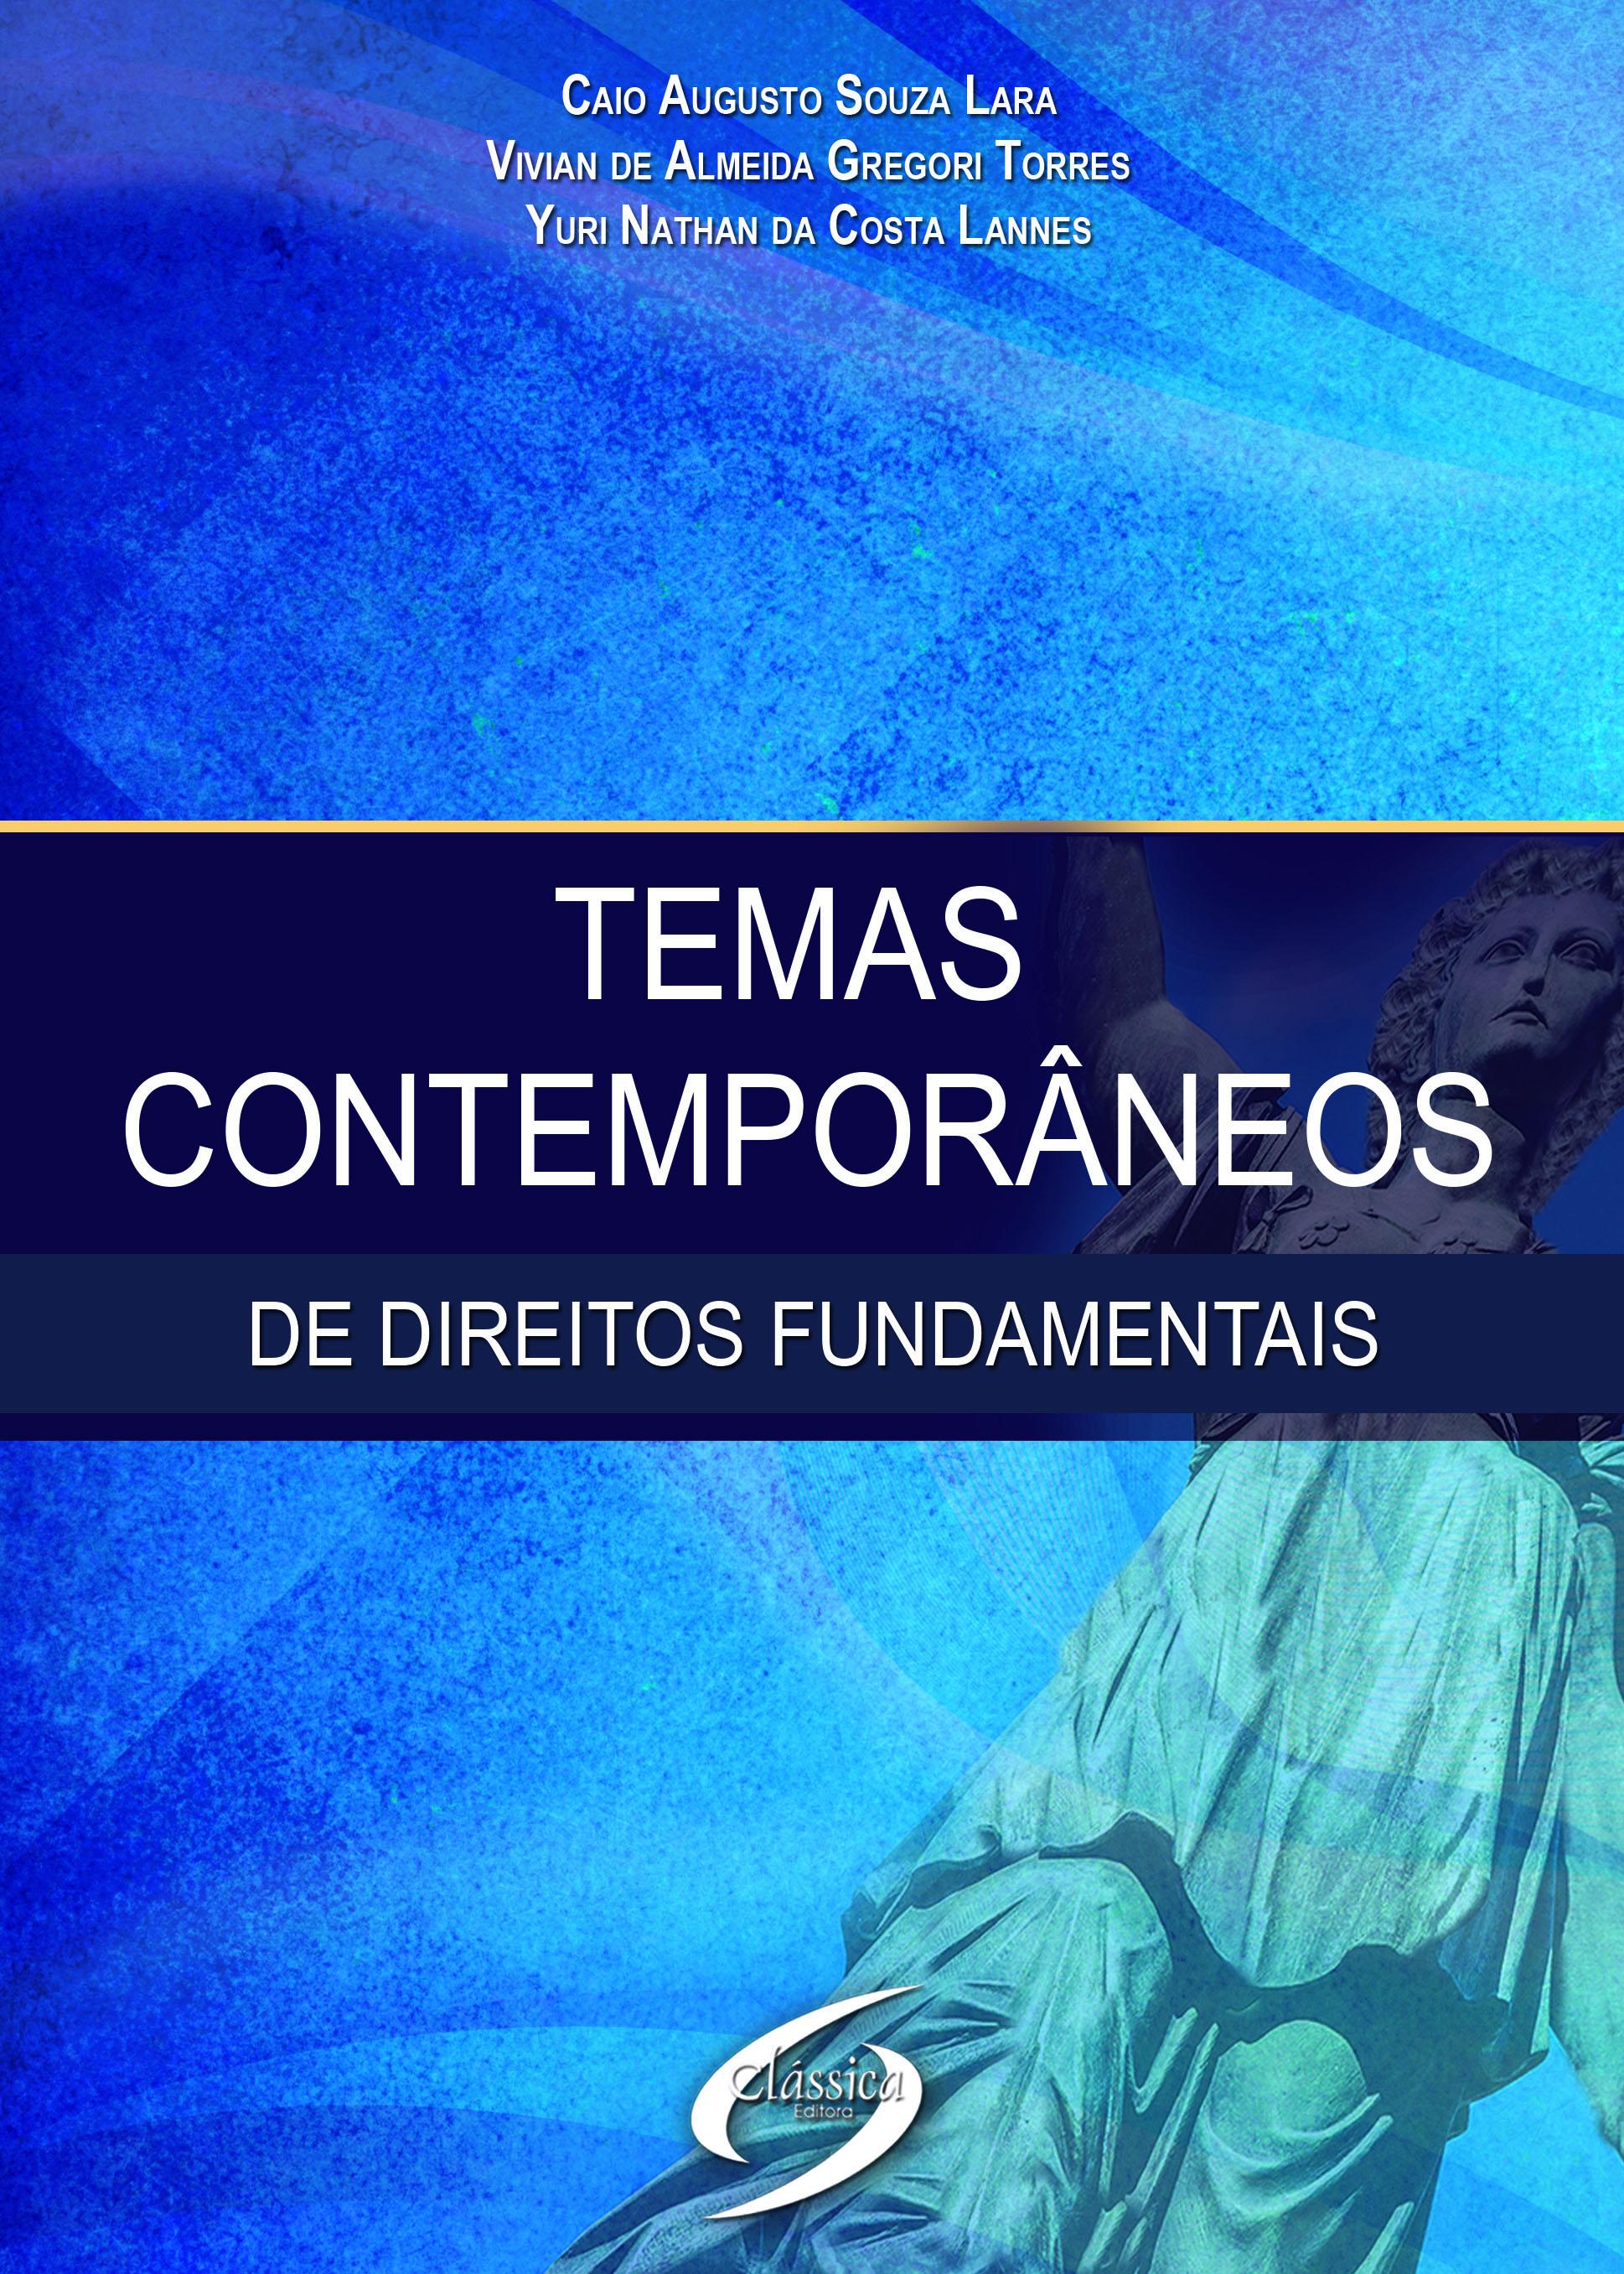 Temas Contemporâneos de Direitos Fundamentais